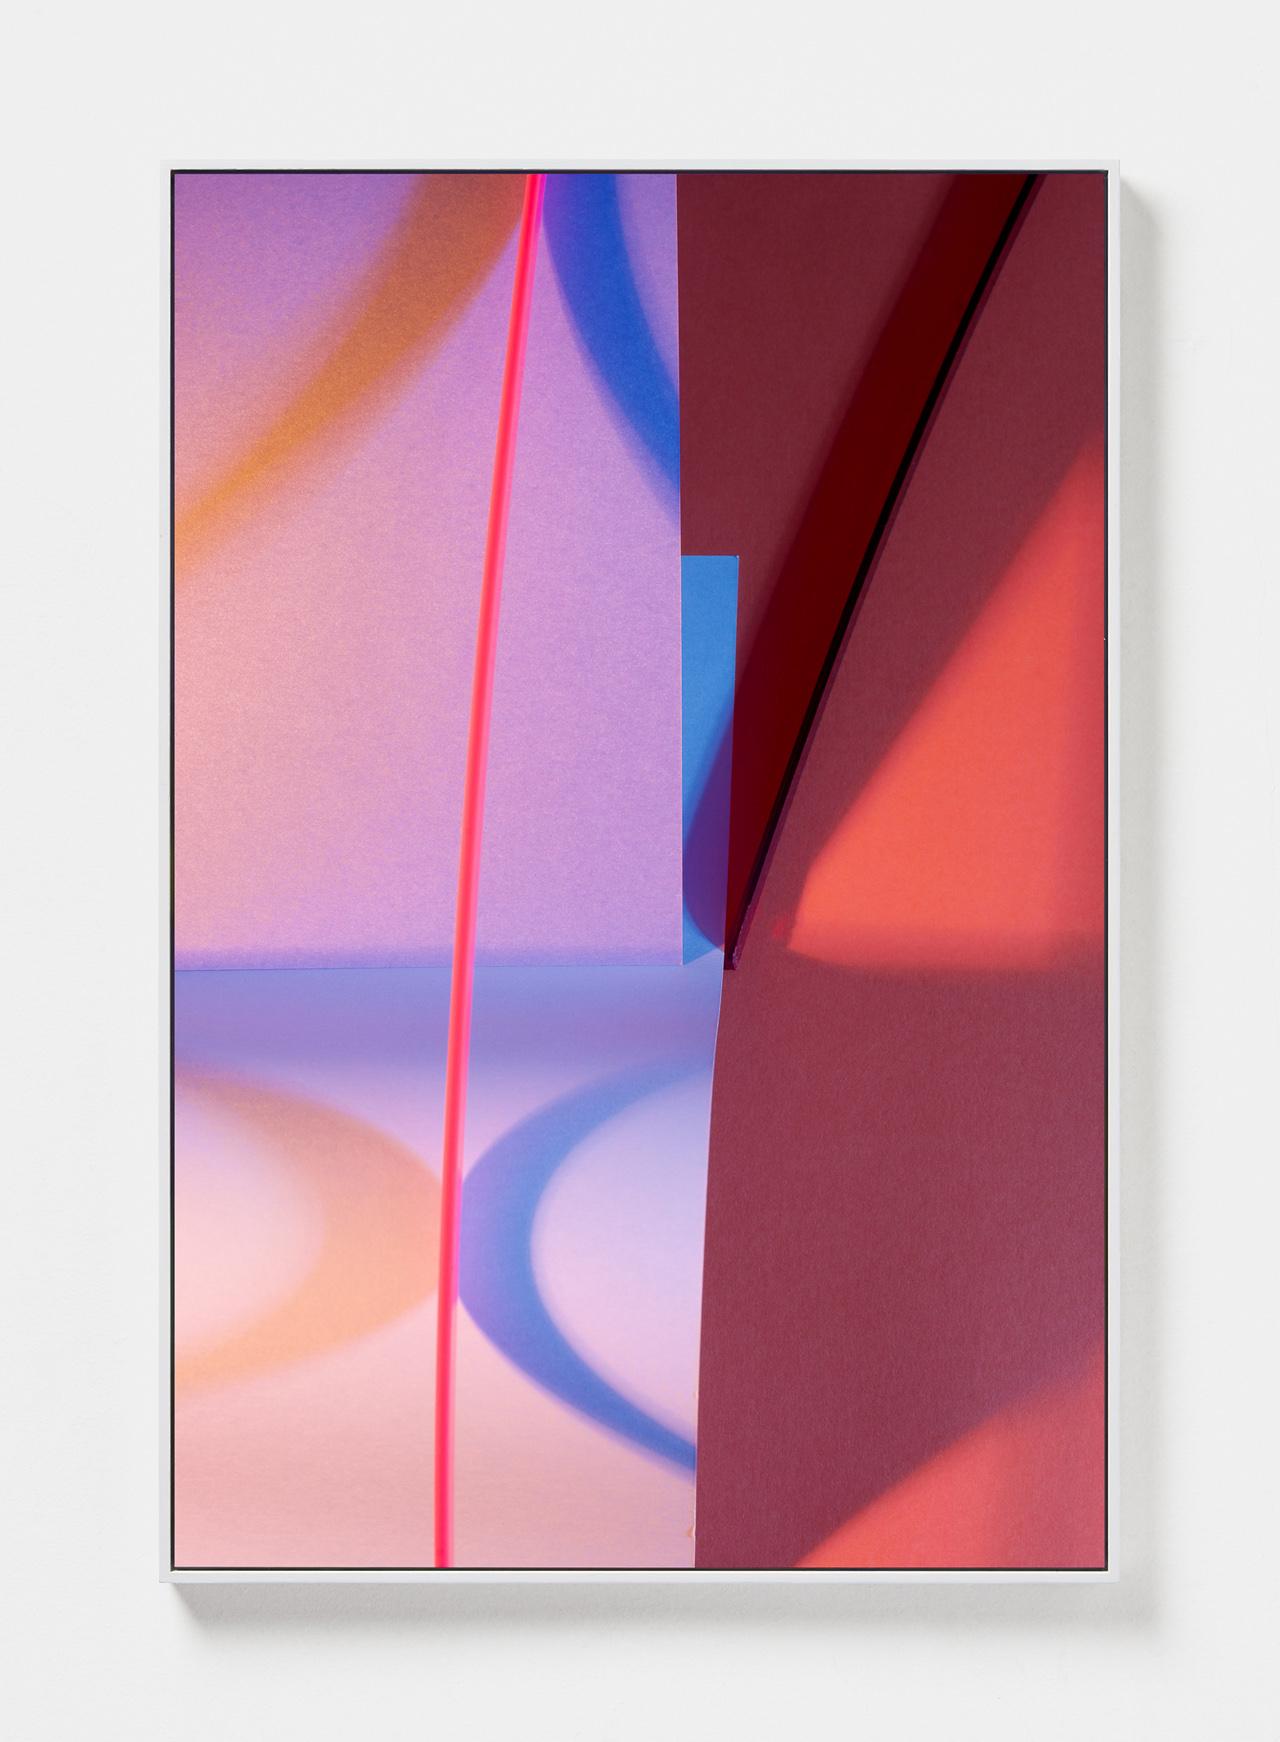 LYDIA WEGNER   Amber Wave  2019 Archival inkjet print, steel frame 120 x 80cm